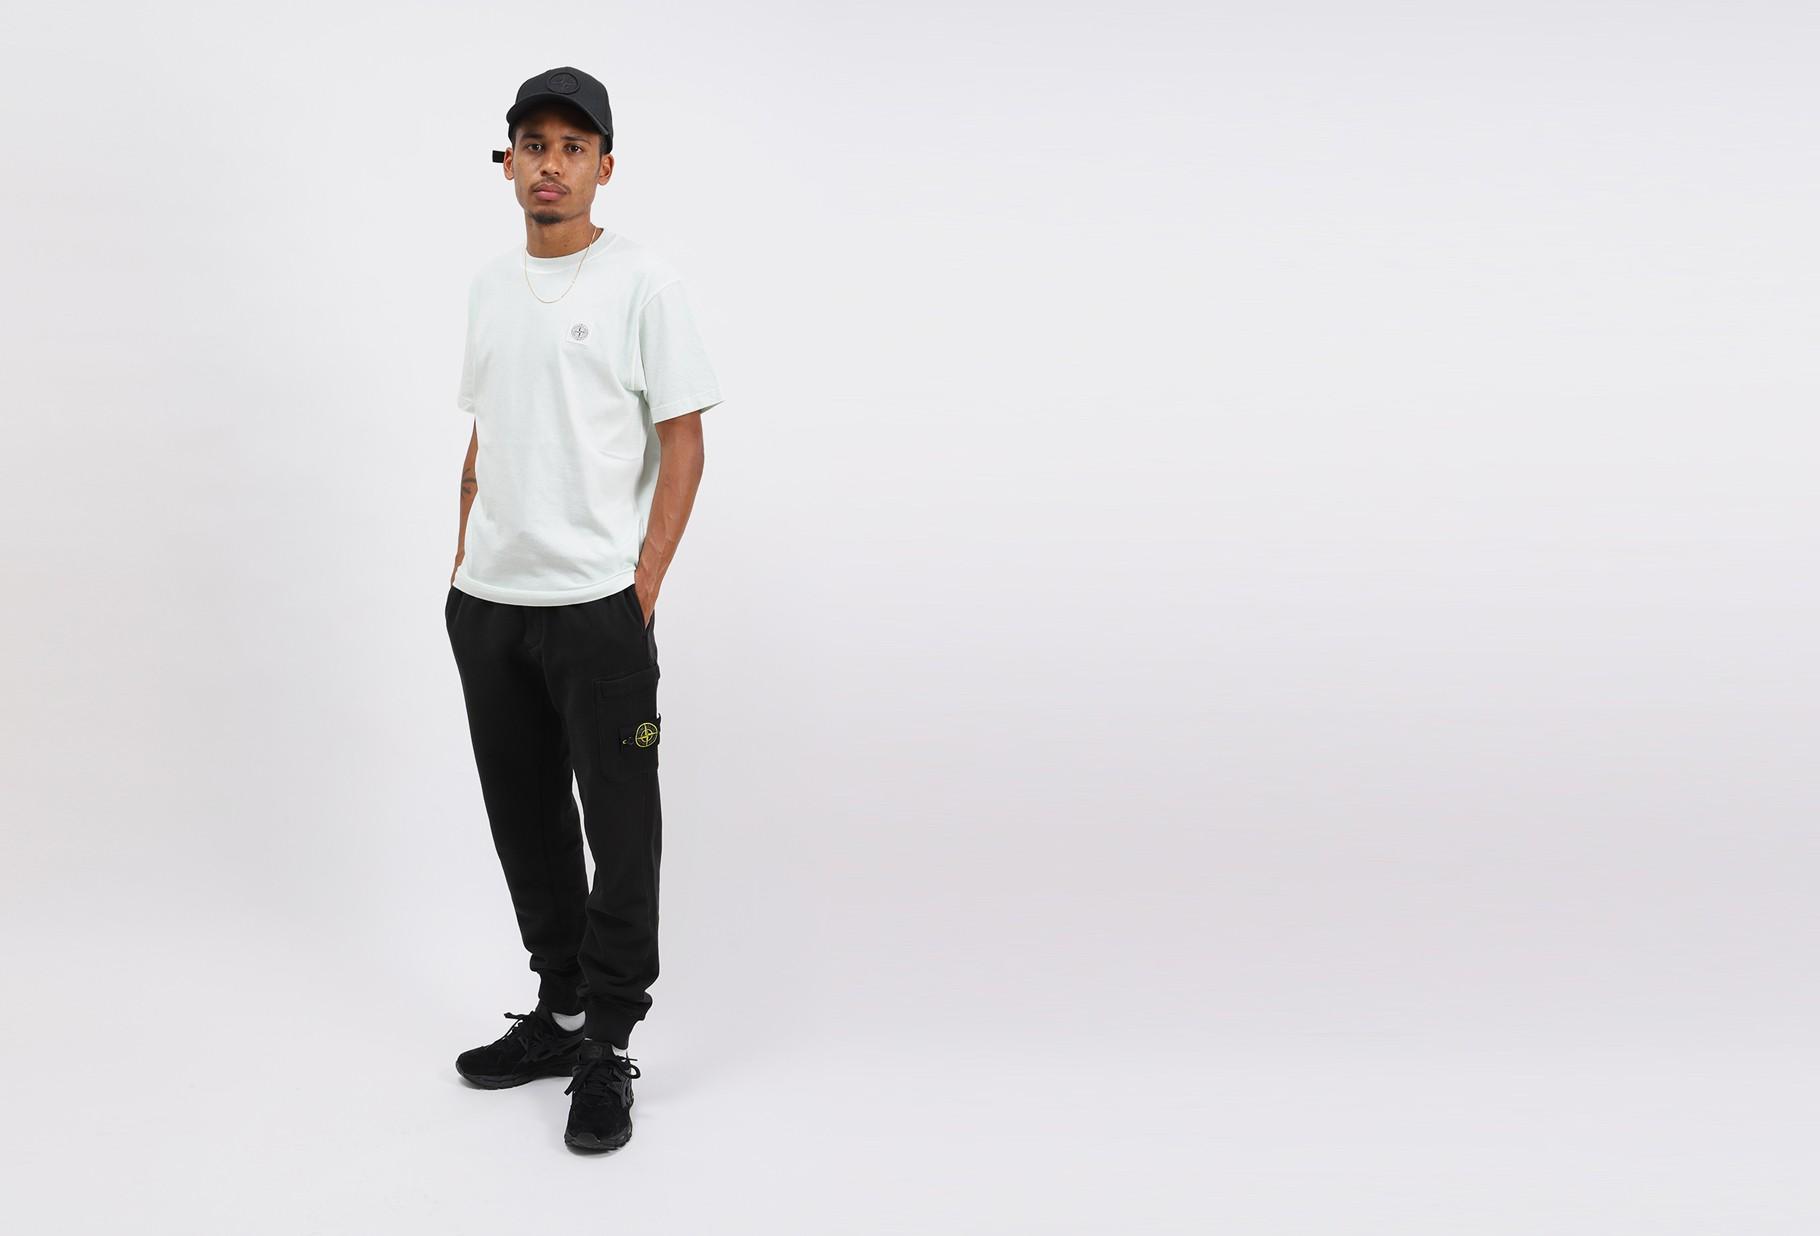 STONE ISLAND / 64520 fleece pants v0029 Nero